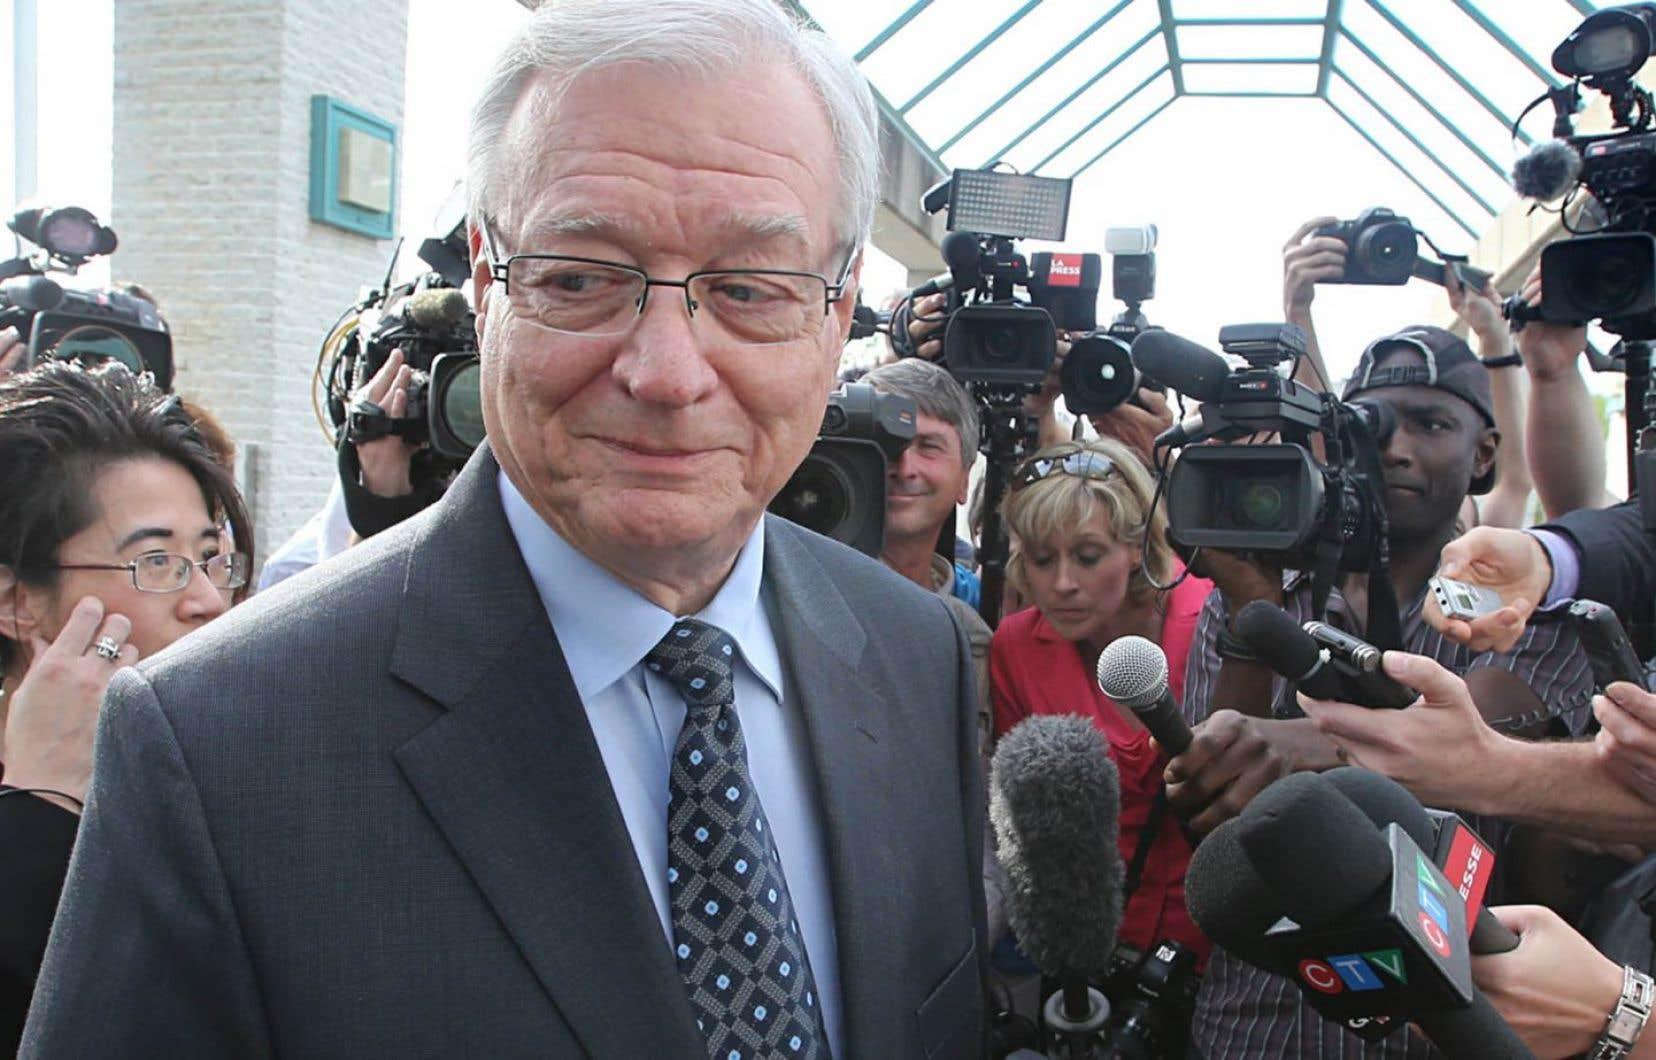 Gilles Vaillancourt a plaidé coupable à trois chefs d'accusation de fraude, complot pour fraude et d'abus de confiance en décembre.